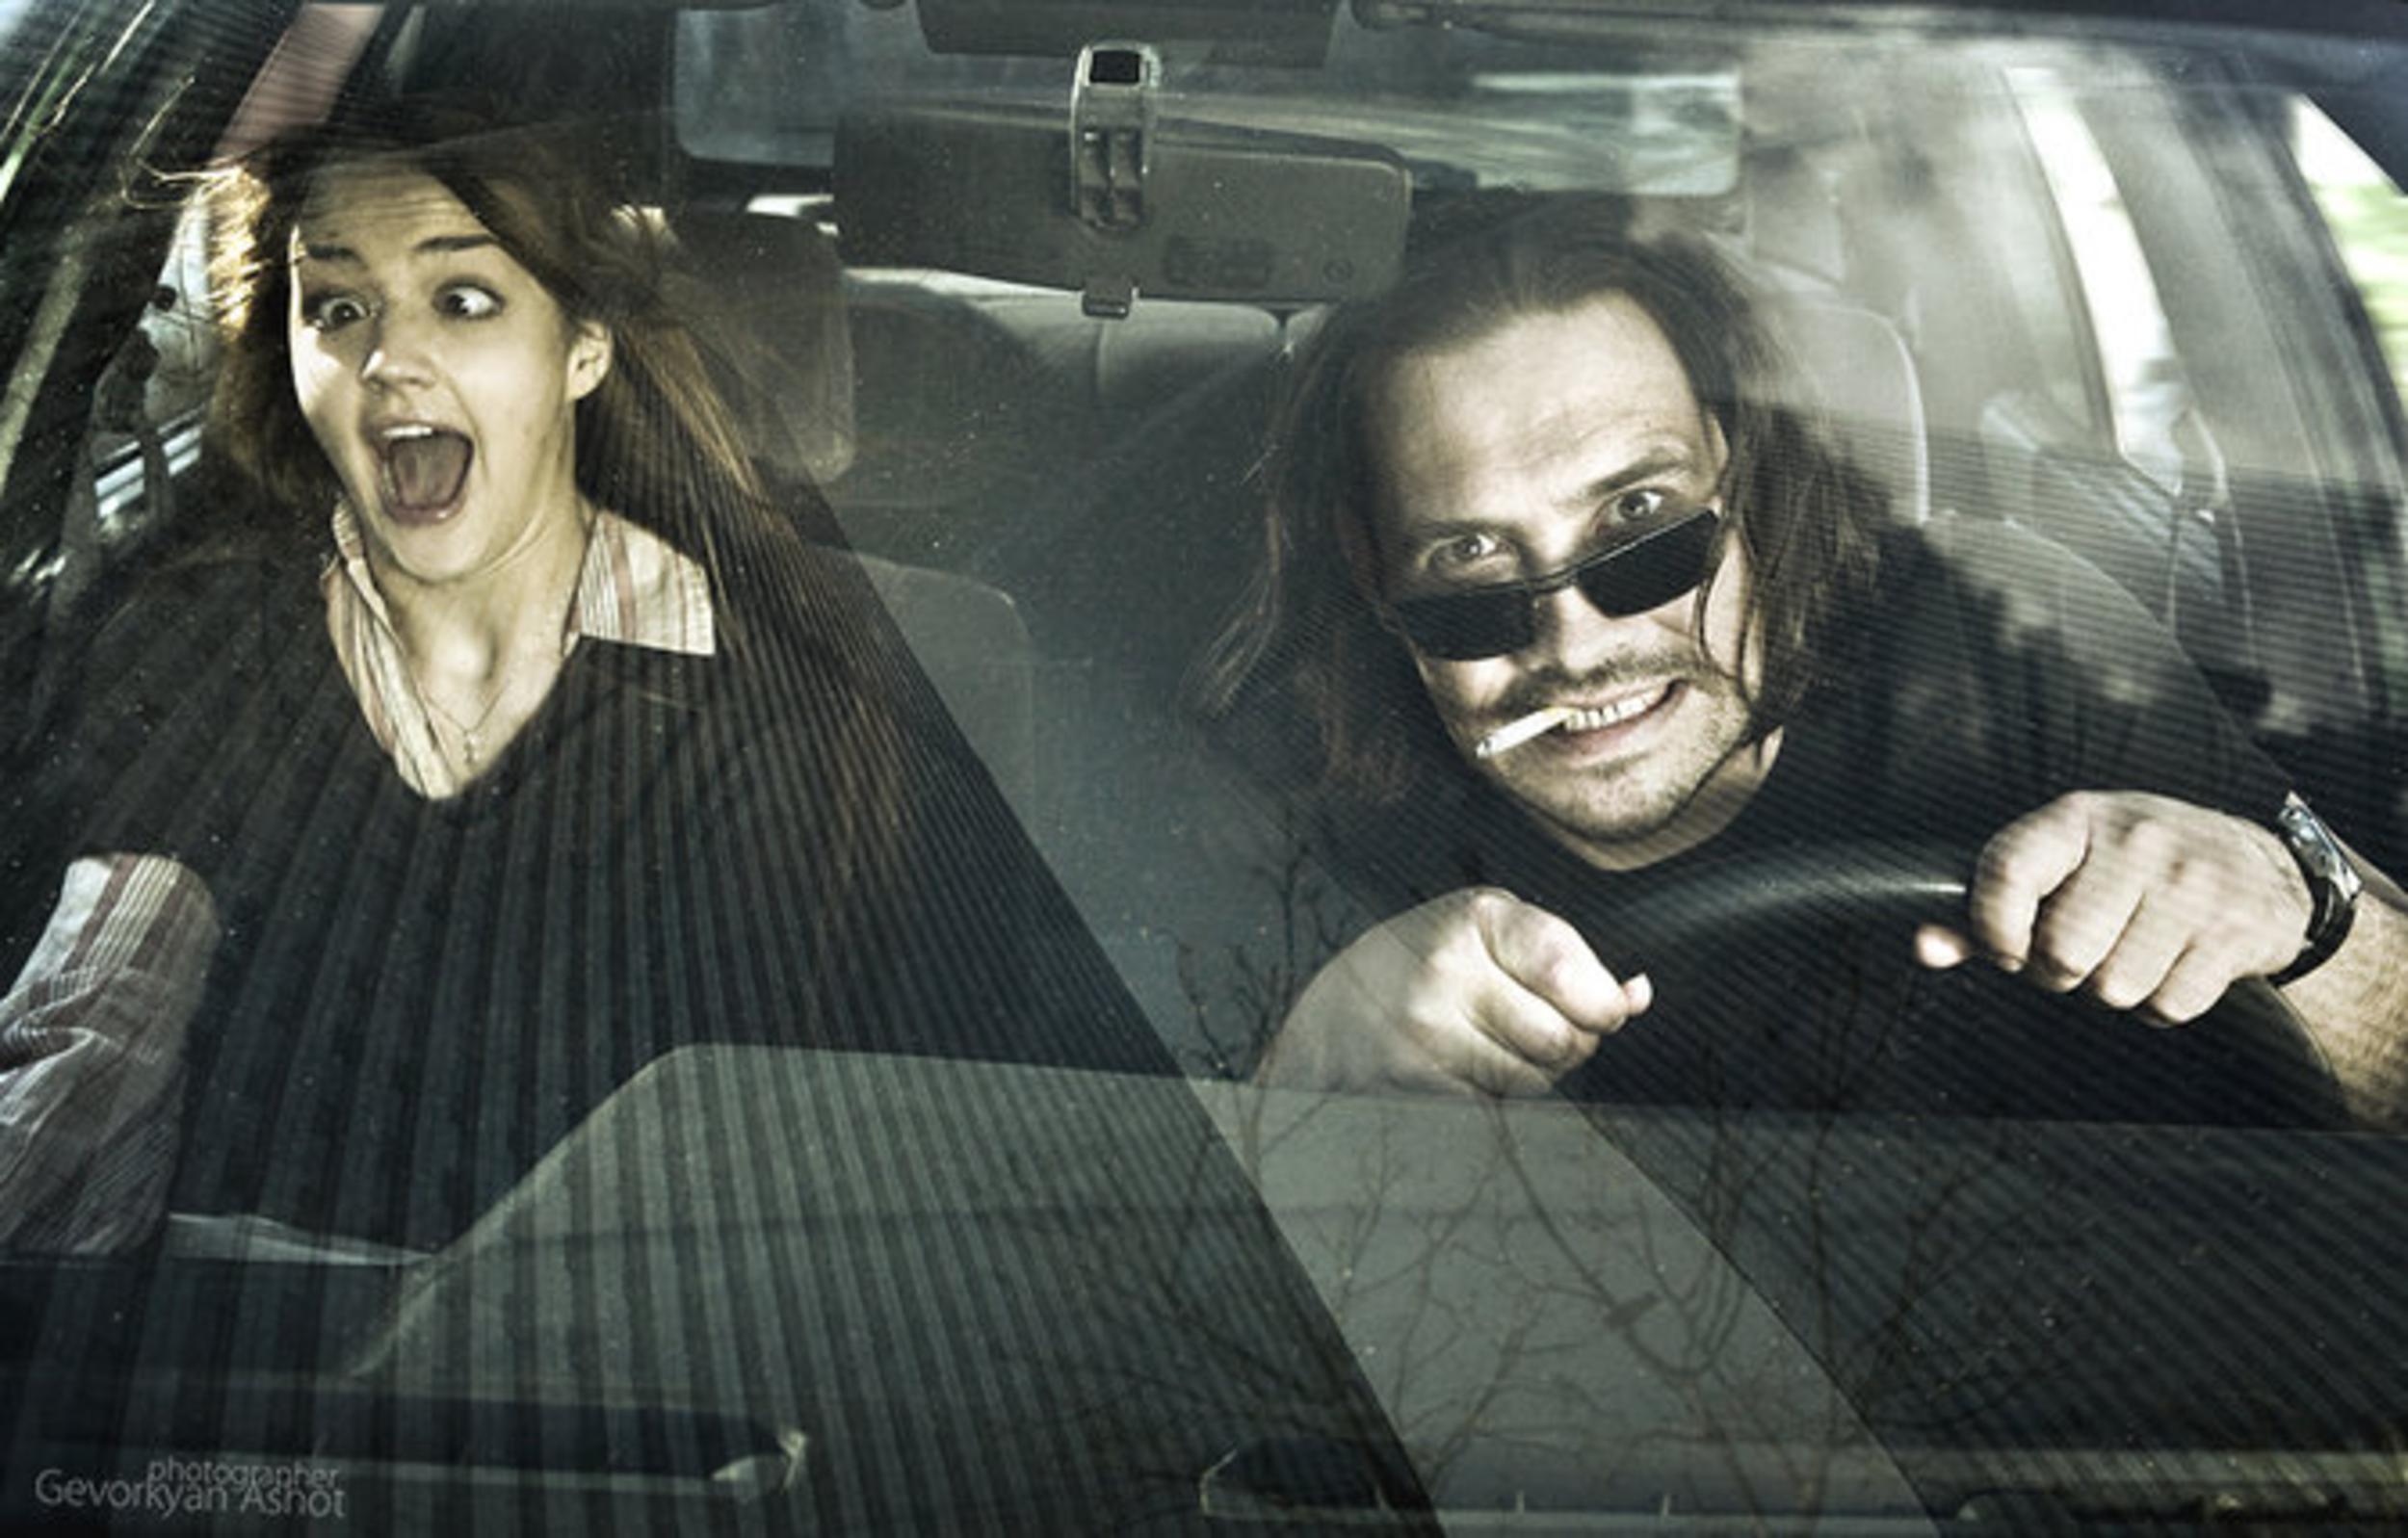 Что может произойти если сесть к незнакомцу в машину 5 фотография